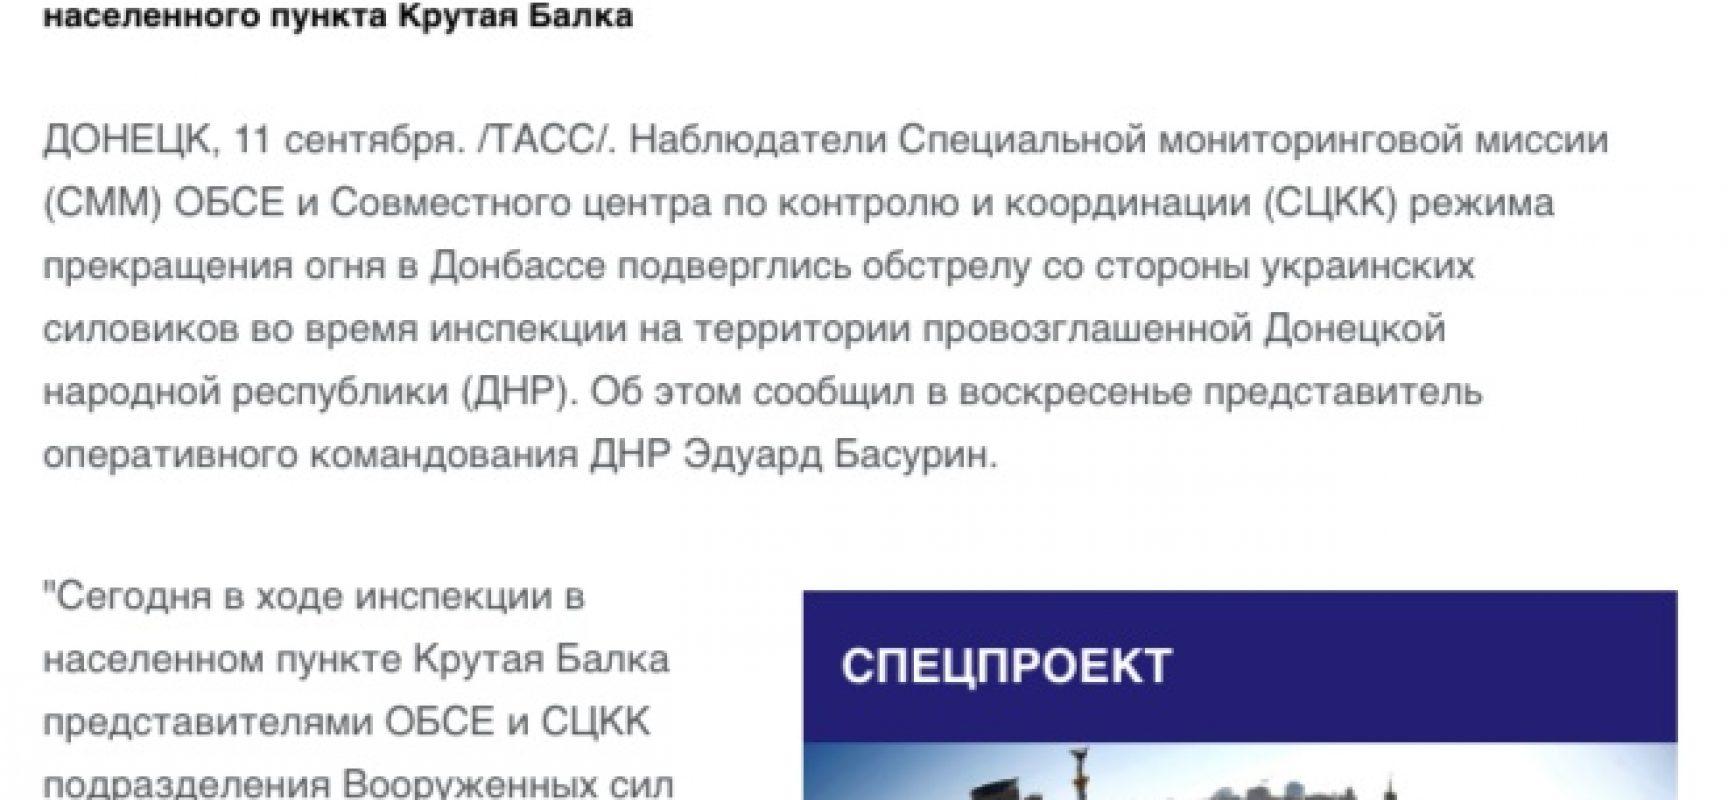 Fake: Le forze Armate Ucraine hanno bombardato i rappresentanti dell'OSCE durante un'ispezione